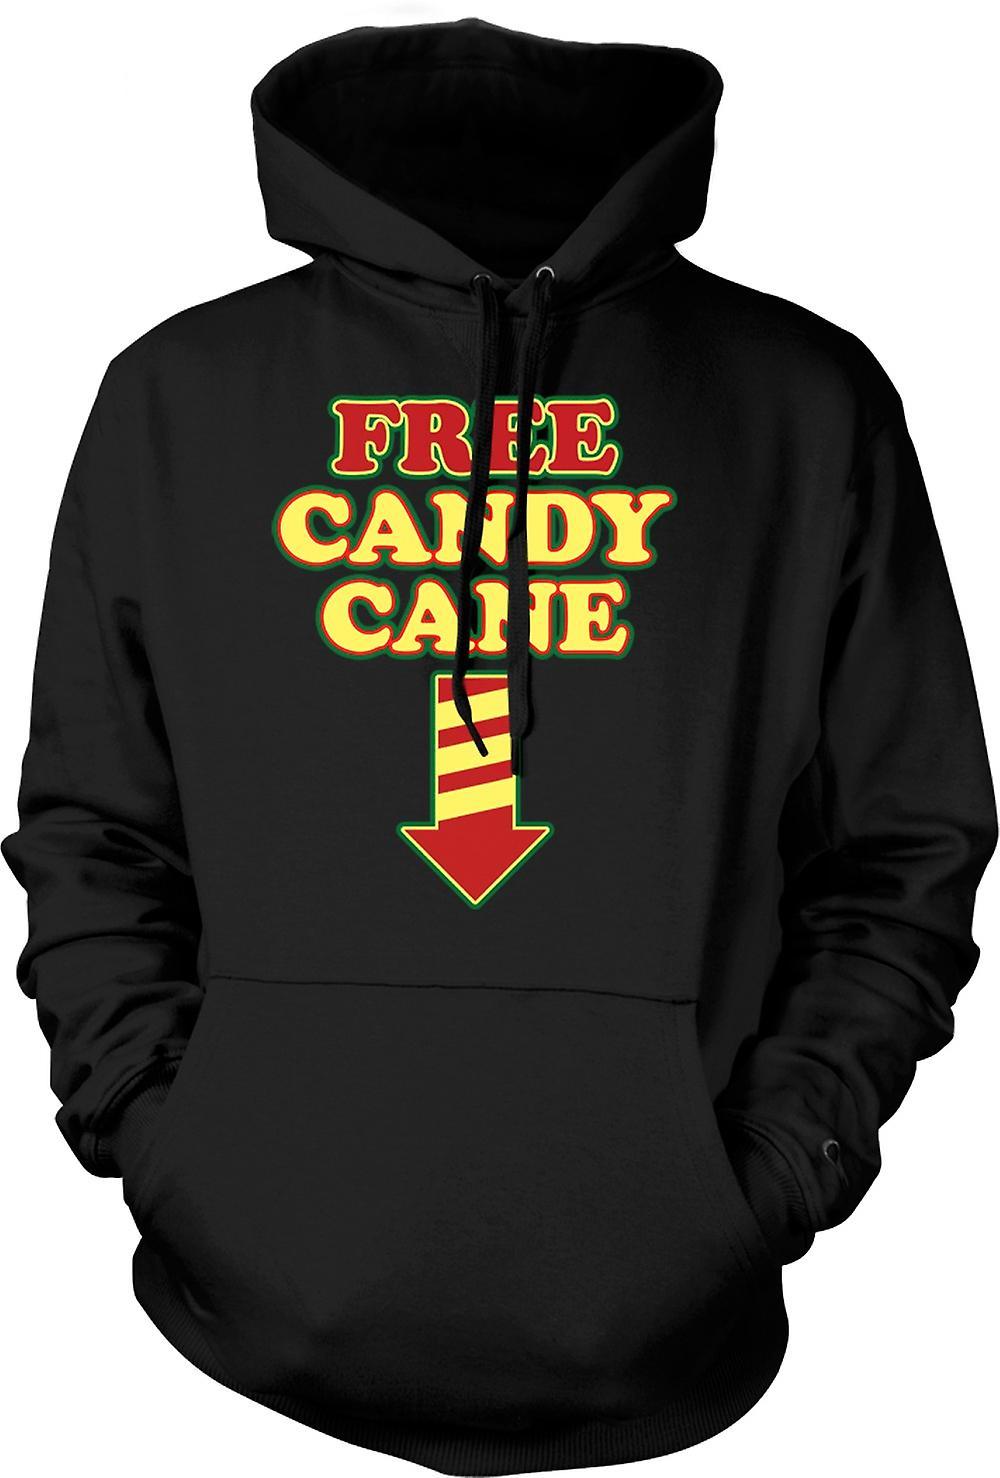 Mens Hoodie - canna di caramella gratis - Funny Christmas